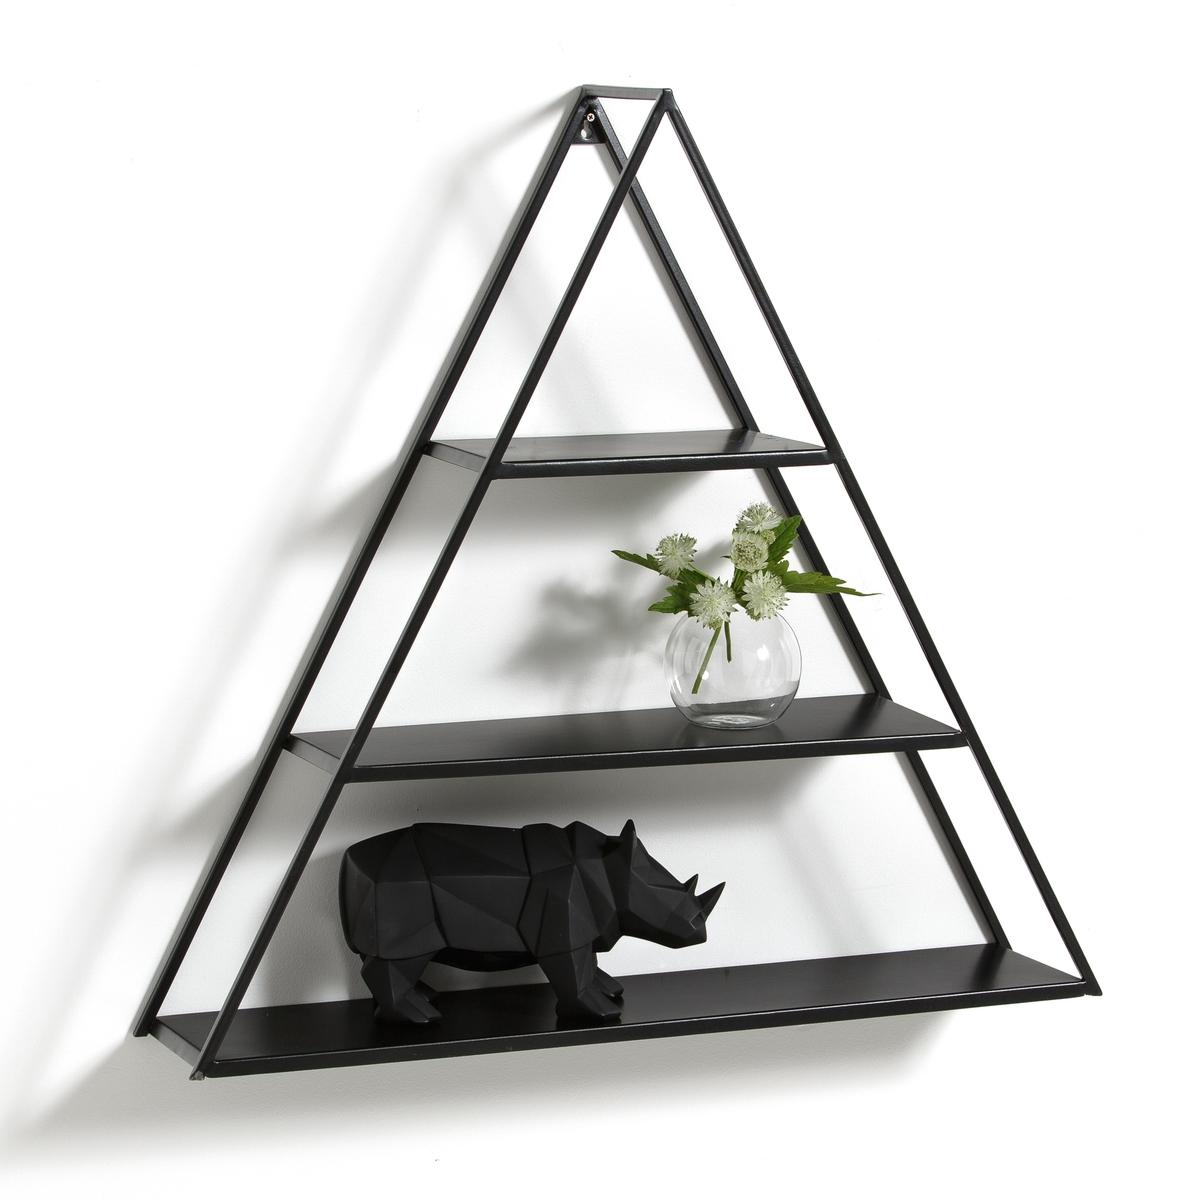 Этажерка треугольная, AFUSТреугольная этажерка, Afus. Этажерка треугольной формы оригинального графичного дизайна украсит ваши стены!Характеристики треугольной этажерки, Afus :Металл с эпоксидным покрытием Пластина для настенного крепления (шурупы и дюбели в комплект не входят)Другие модели этажерок Вы найдете на laredoute.ruРазмеры треугольной этажерки, Afus:Длина : 69 смВысота : 66,5 смГлубина : 15,5 смРазмер и вес упаковки :1 коробка73 x 19 x 71 см, 4,3 кгДоставка :Треугольная этажерка Afus продается в разобранном виде.  Возможна доставка до квартиры по предварительному согласованию!Внимание ! Убедитесь, что посылку возможно доставить на дом, учитывая ее габариты<br><br>Цвет: черный